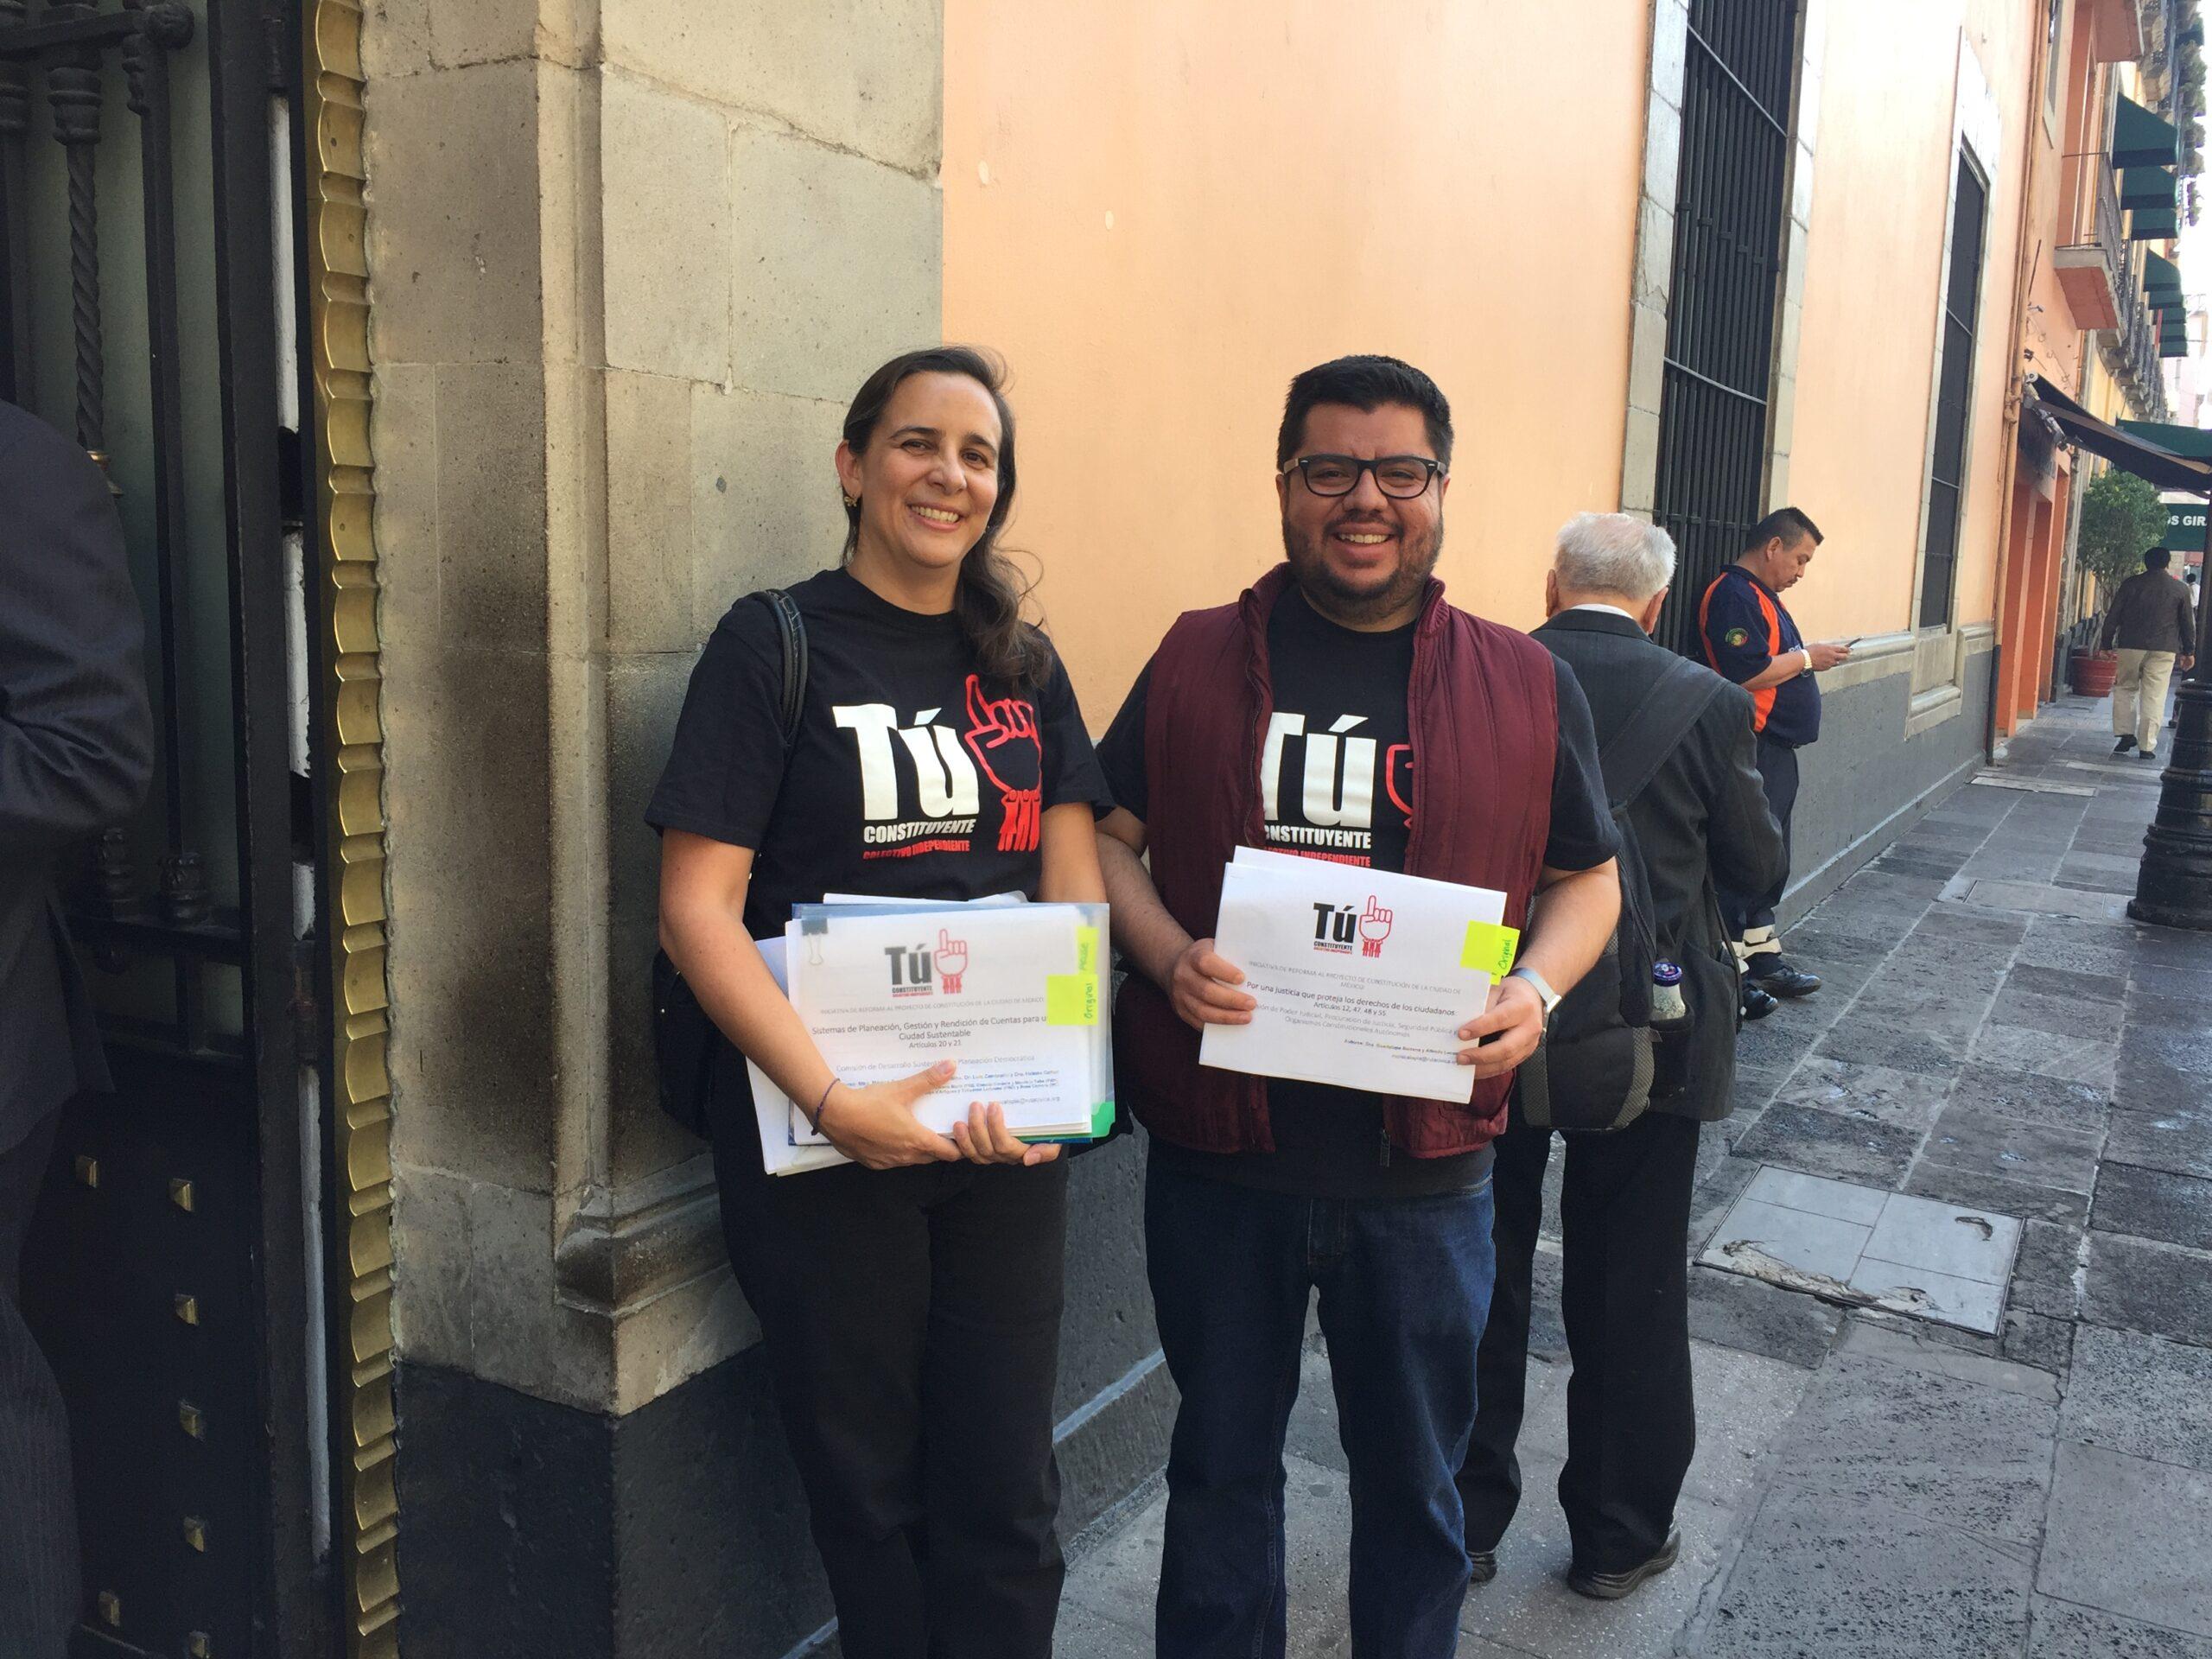 LA PLANEACIÓN DE LA CIUDAD Y LAS ALIANZAS MULTISECTORIALES. PROPUESTAS PARA LA CONSTITUCIÓN DE LA CIUDAD DE MÉXICO